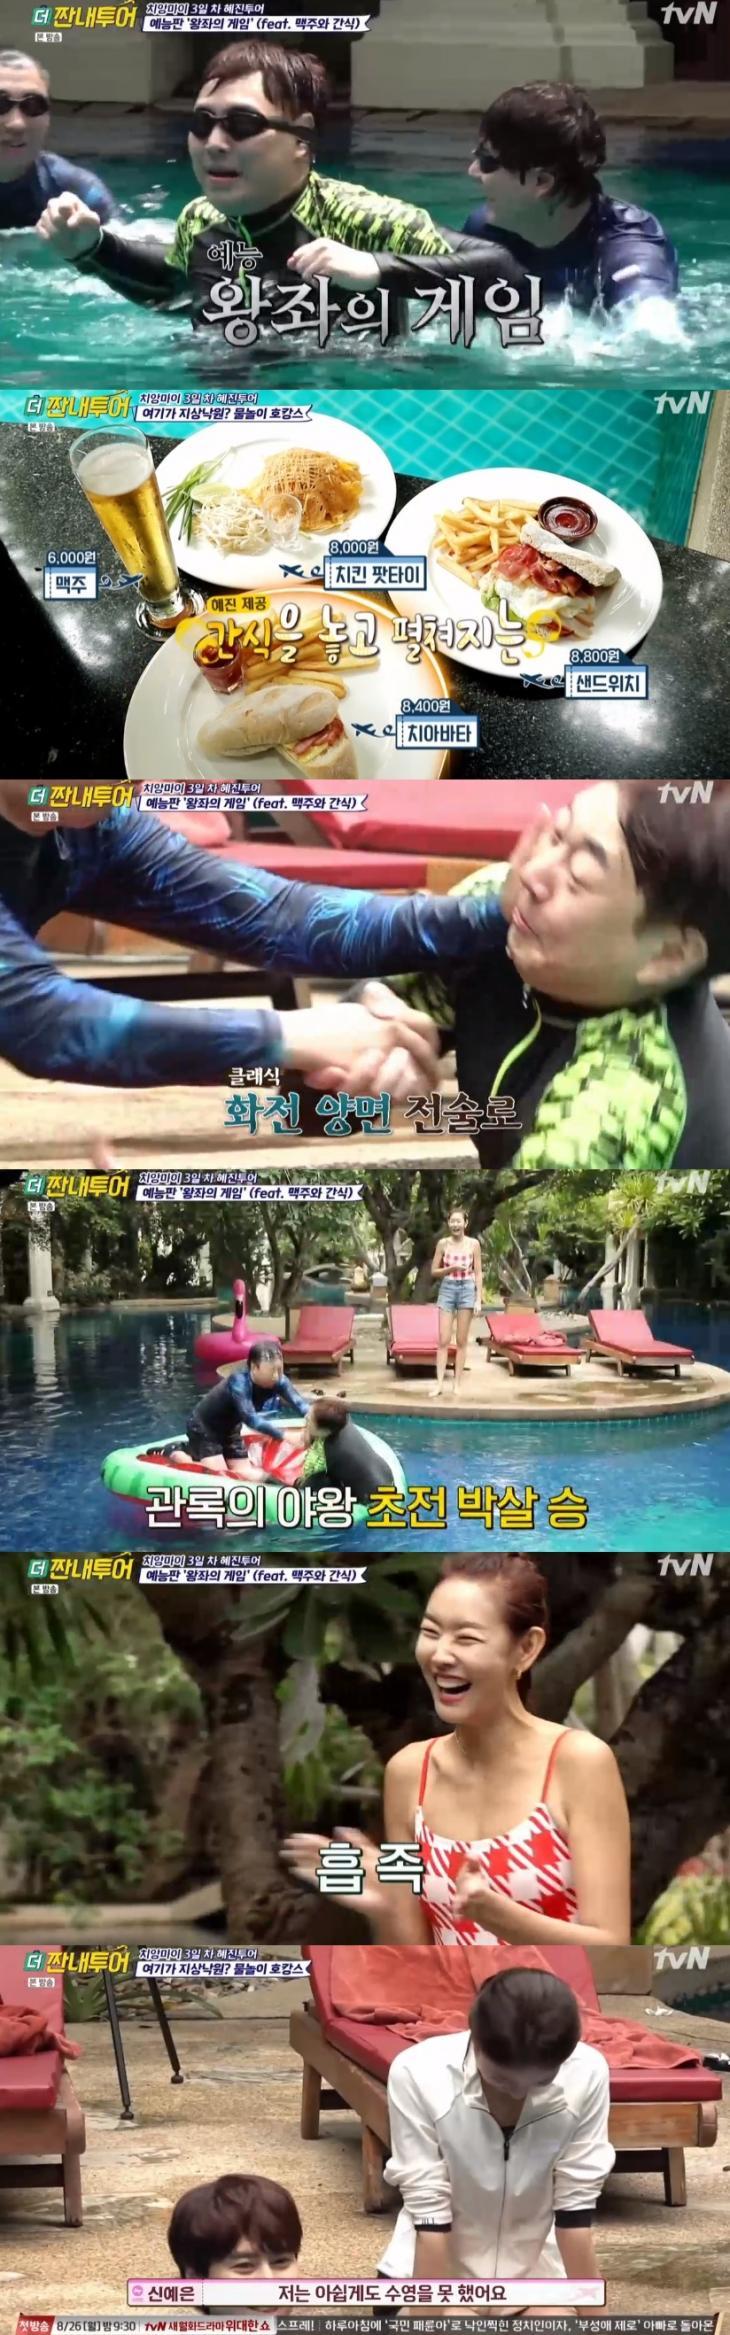 신예은 한혜진 규현 이용진 이진호 박명수 / tvN '더 짠내투어' 캡처